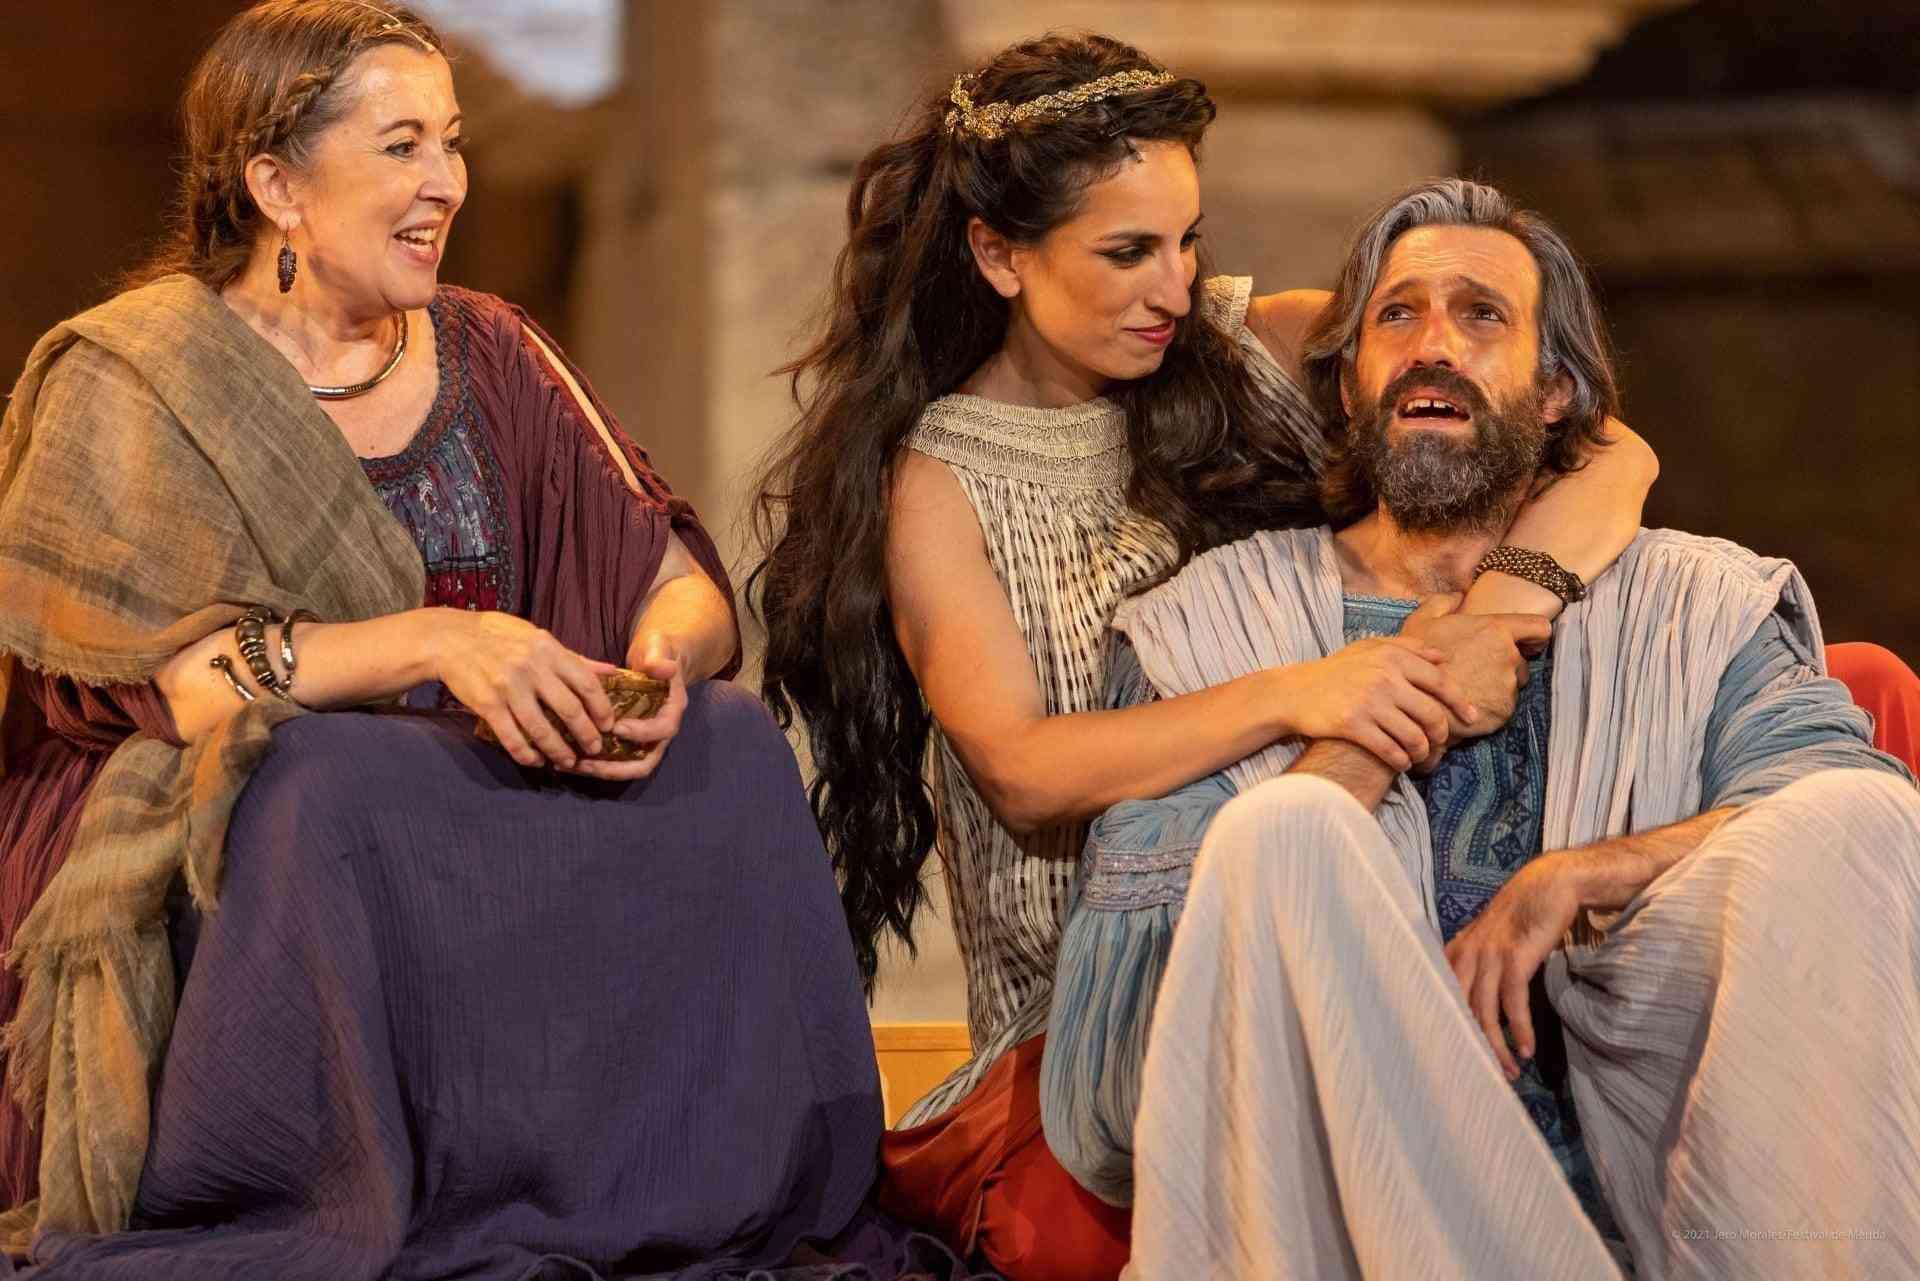 El vestuario de Rafael Garrigós, vuelve a brillar sobre el teatro romano de Mérida 18